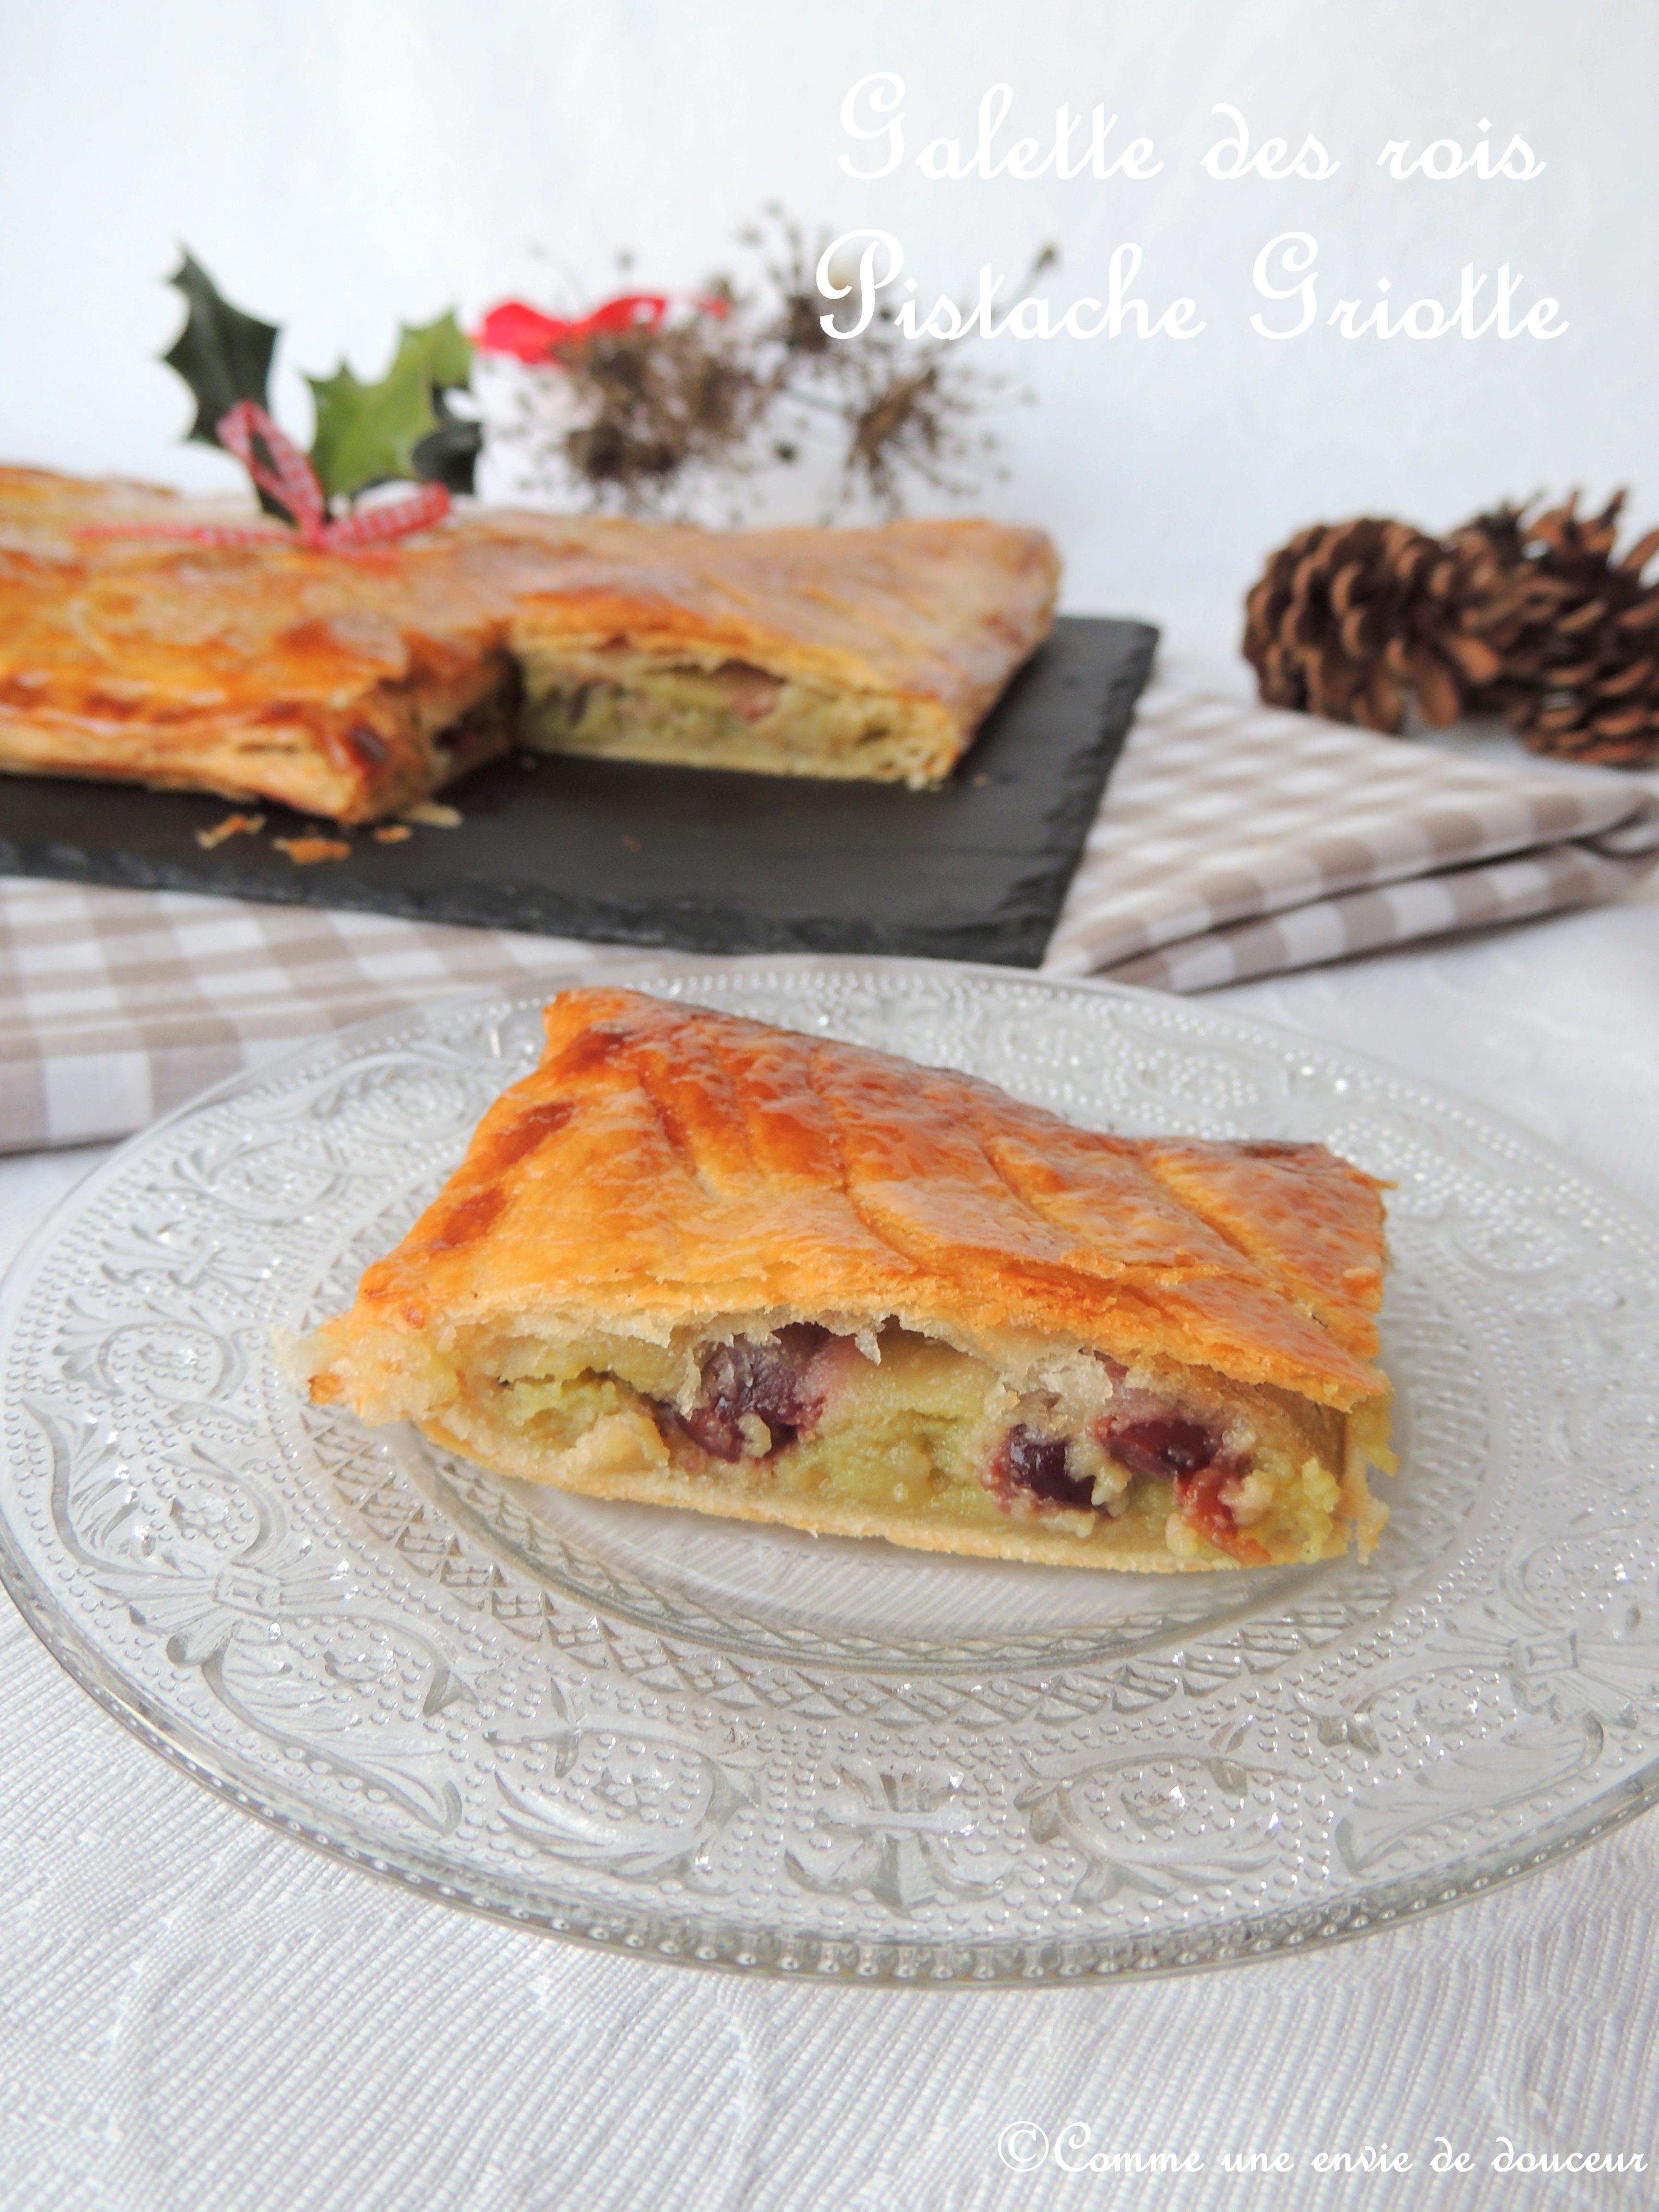 Galette des rois pistache griotte – Pistachio & cherry king's cake